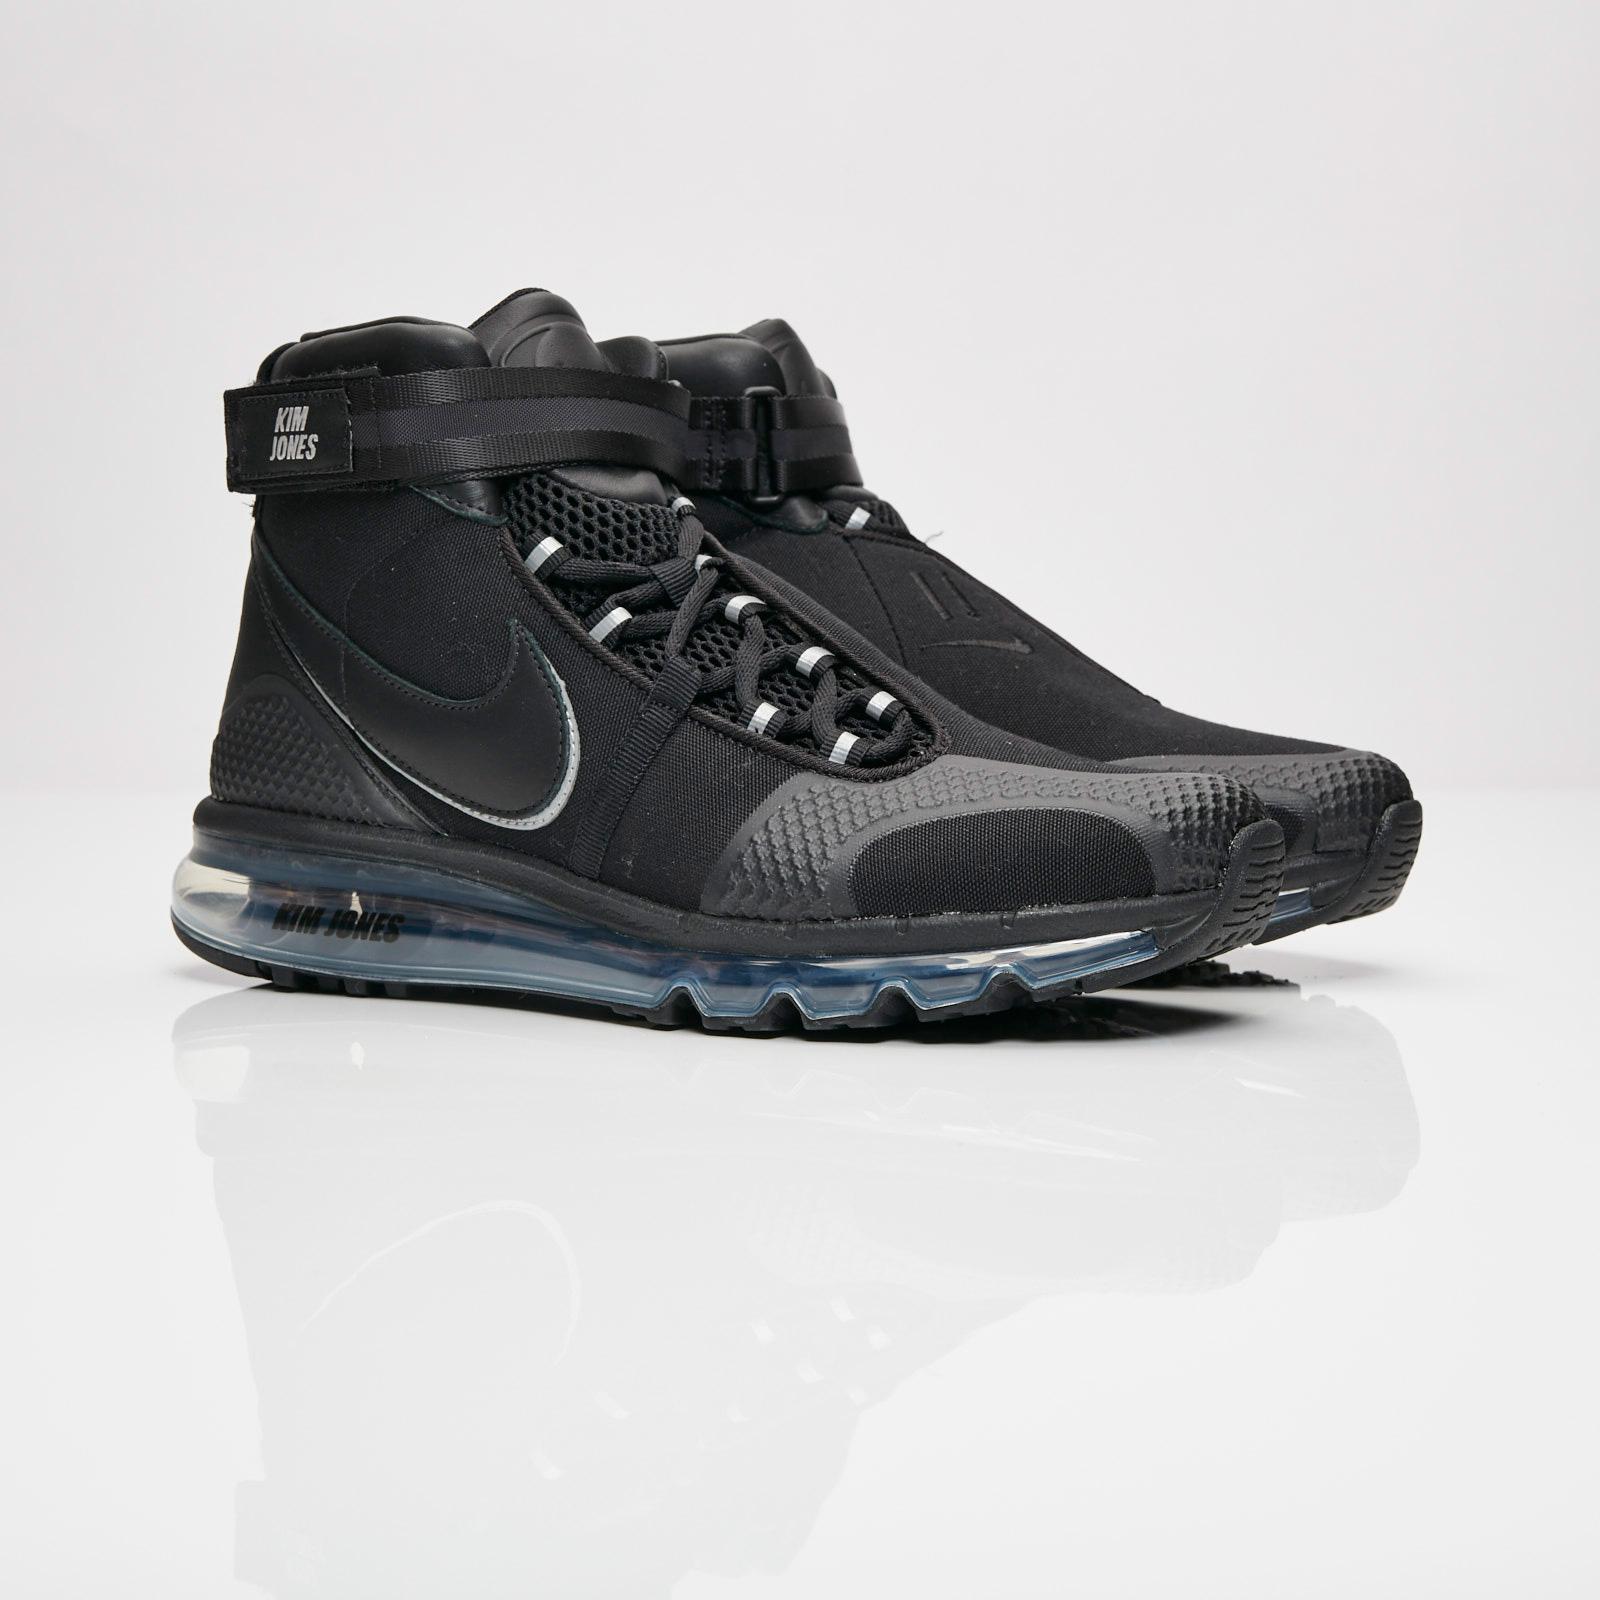 879e1c9cf Nike Air Max 360 HI/KJ - Ao2313-001 - Sneakersnstuff | sneakers ...